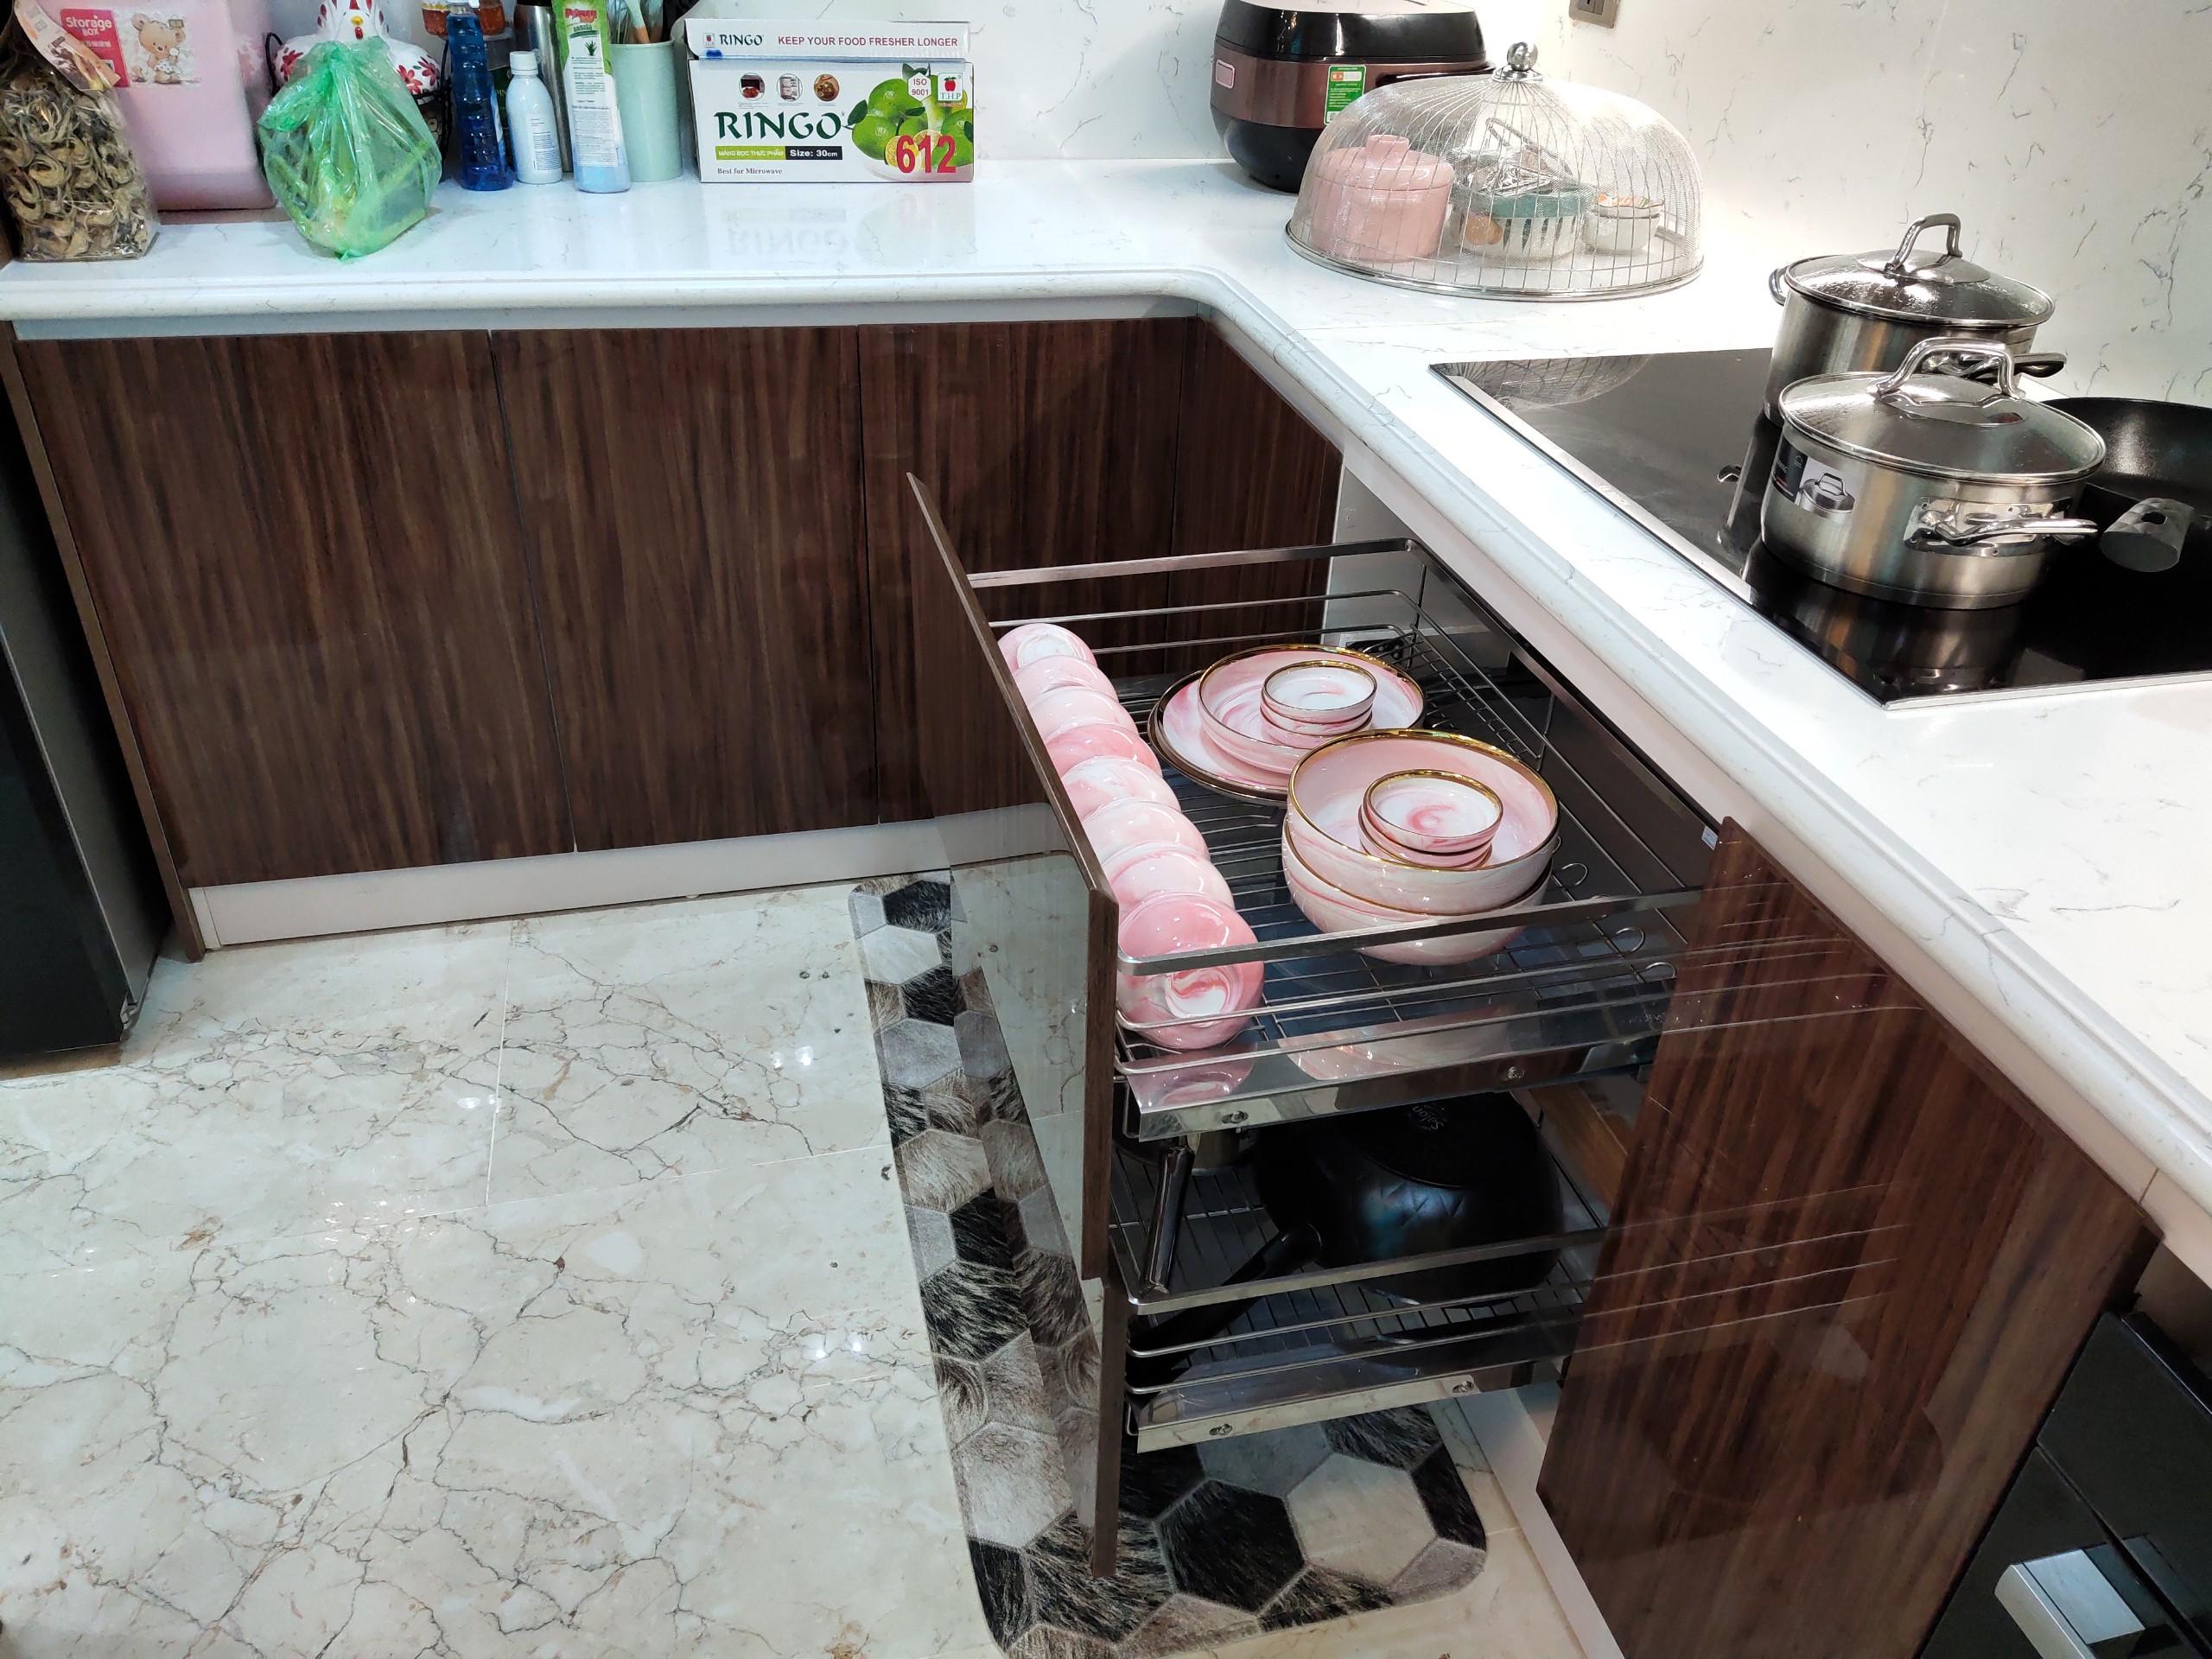 Mẹo tận dụng các góc trong không gian bếp post image